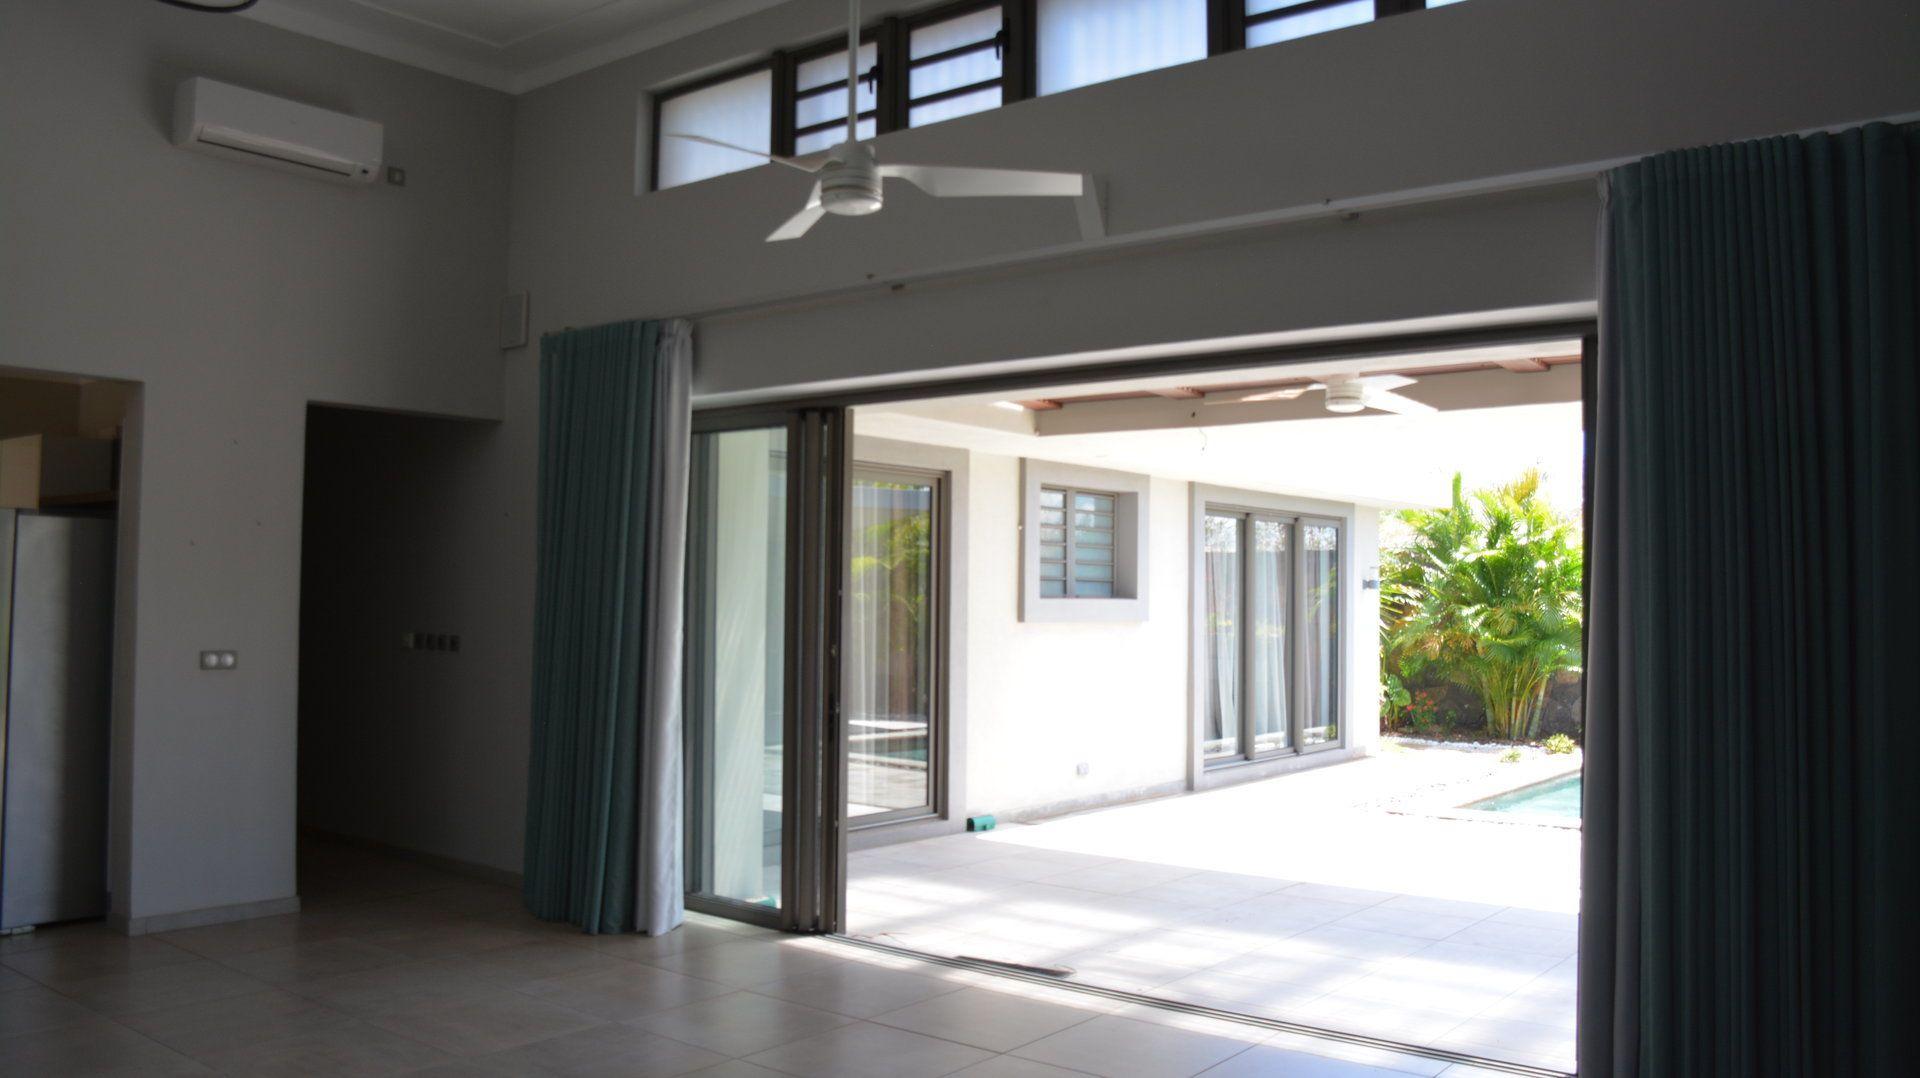 Maison à vendre 4 223m2 à Ile Maurice vignette-22